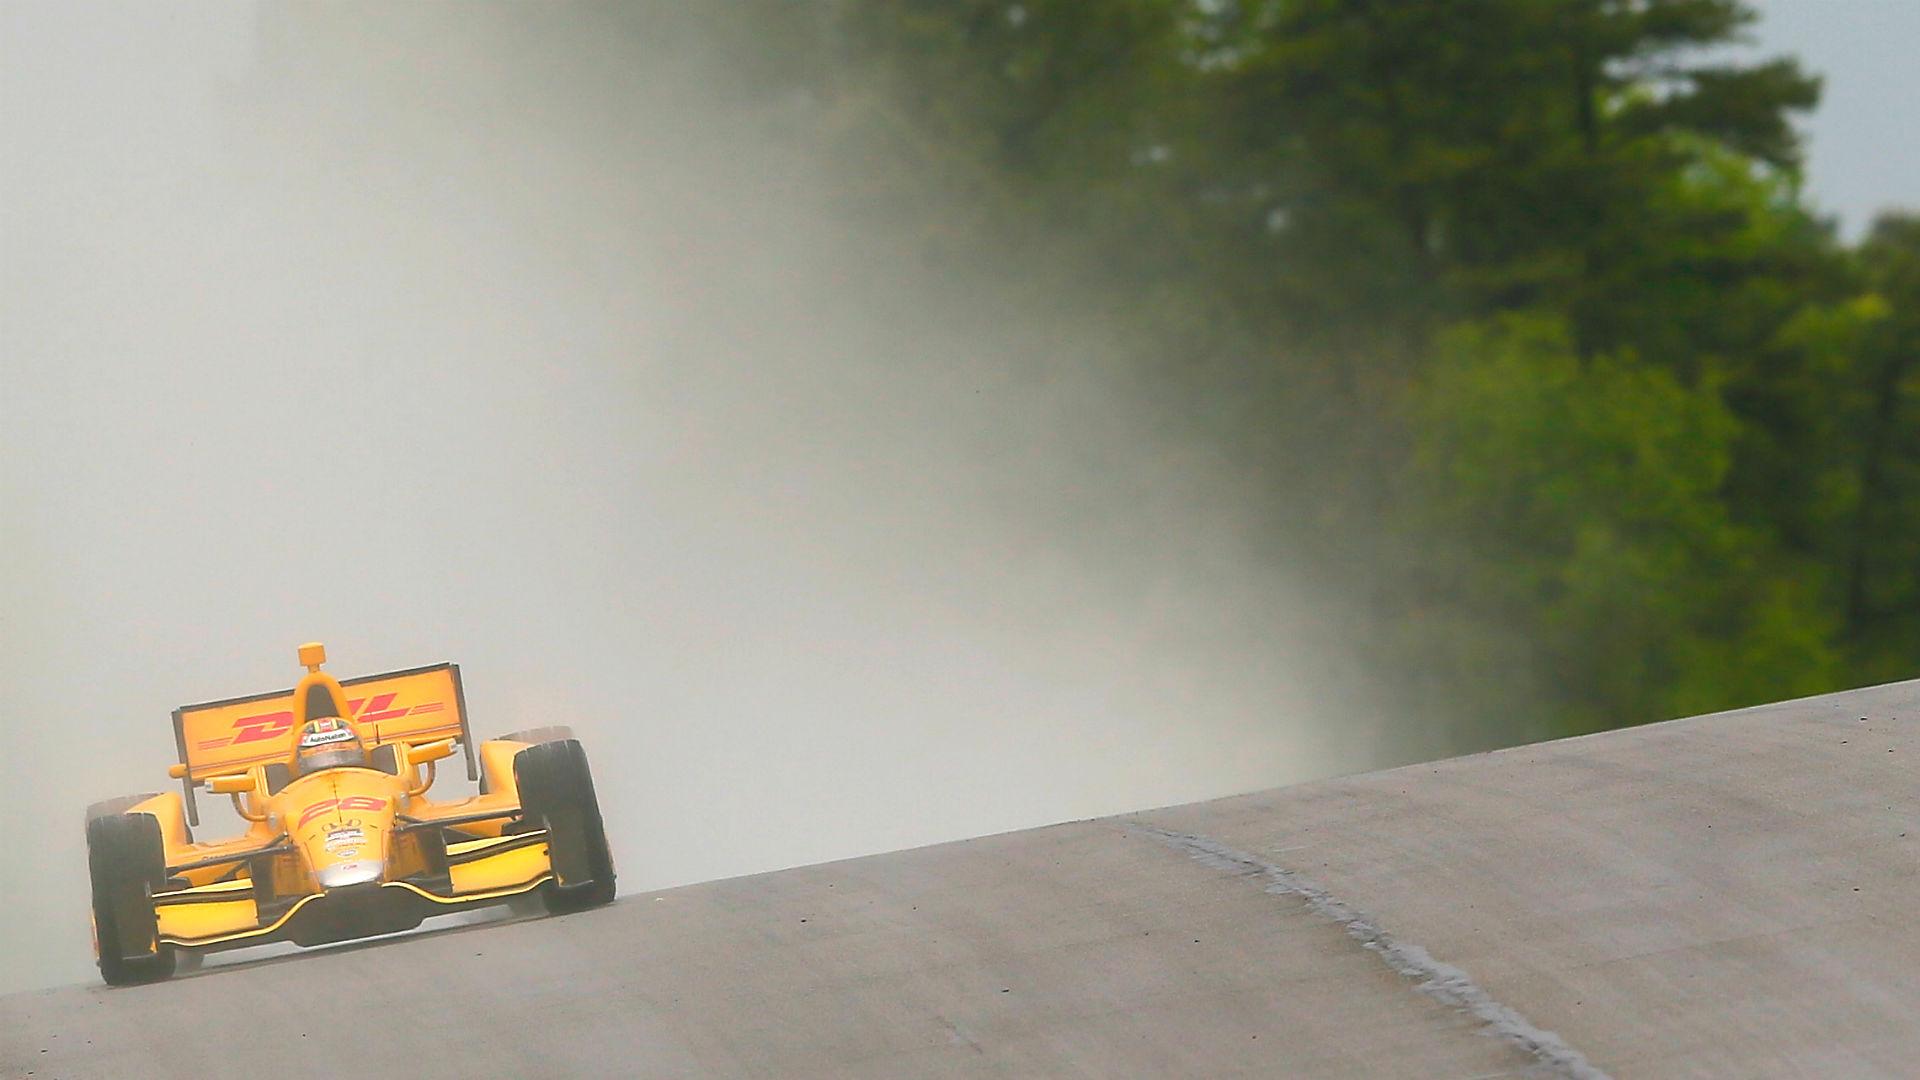 IndyCar Grand Prix of Alabama: Start time, TV channel, live